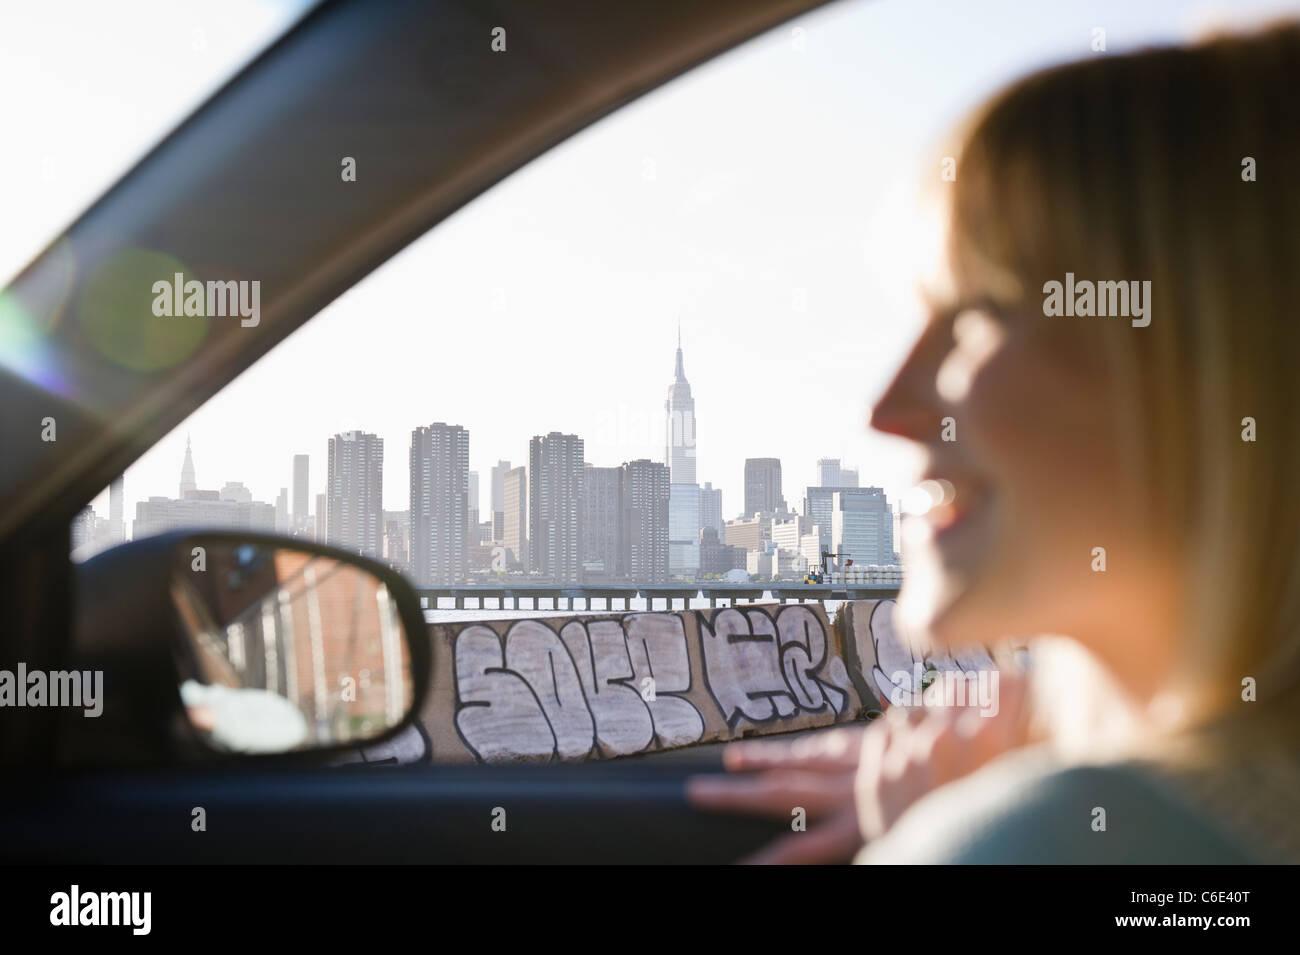 Stati Uniti d'America, Brooklyn, Williamsburg, donna alla guida attraverso la città Immagini Stock